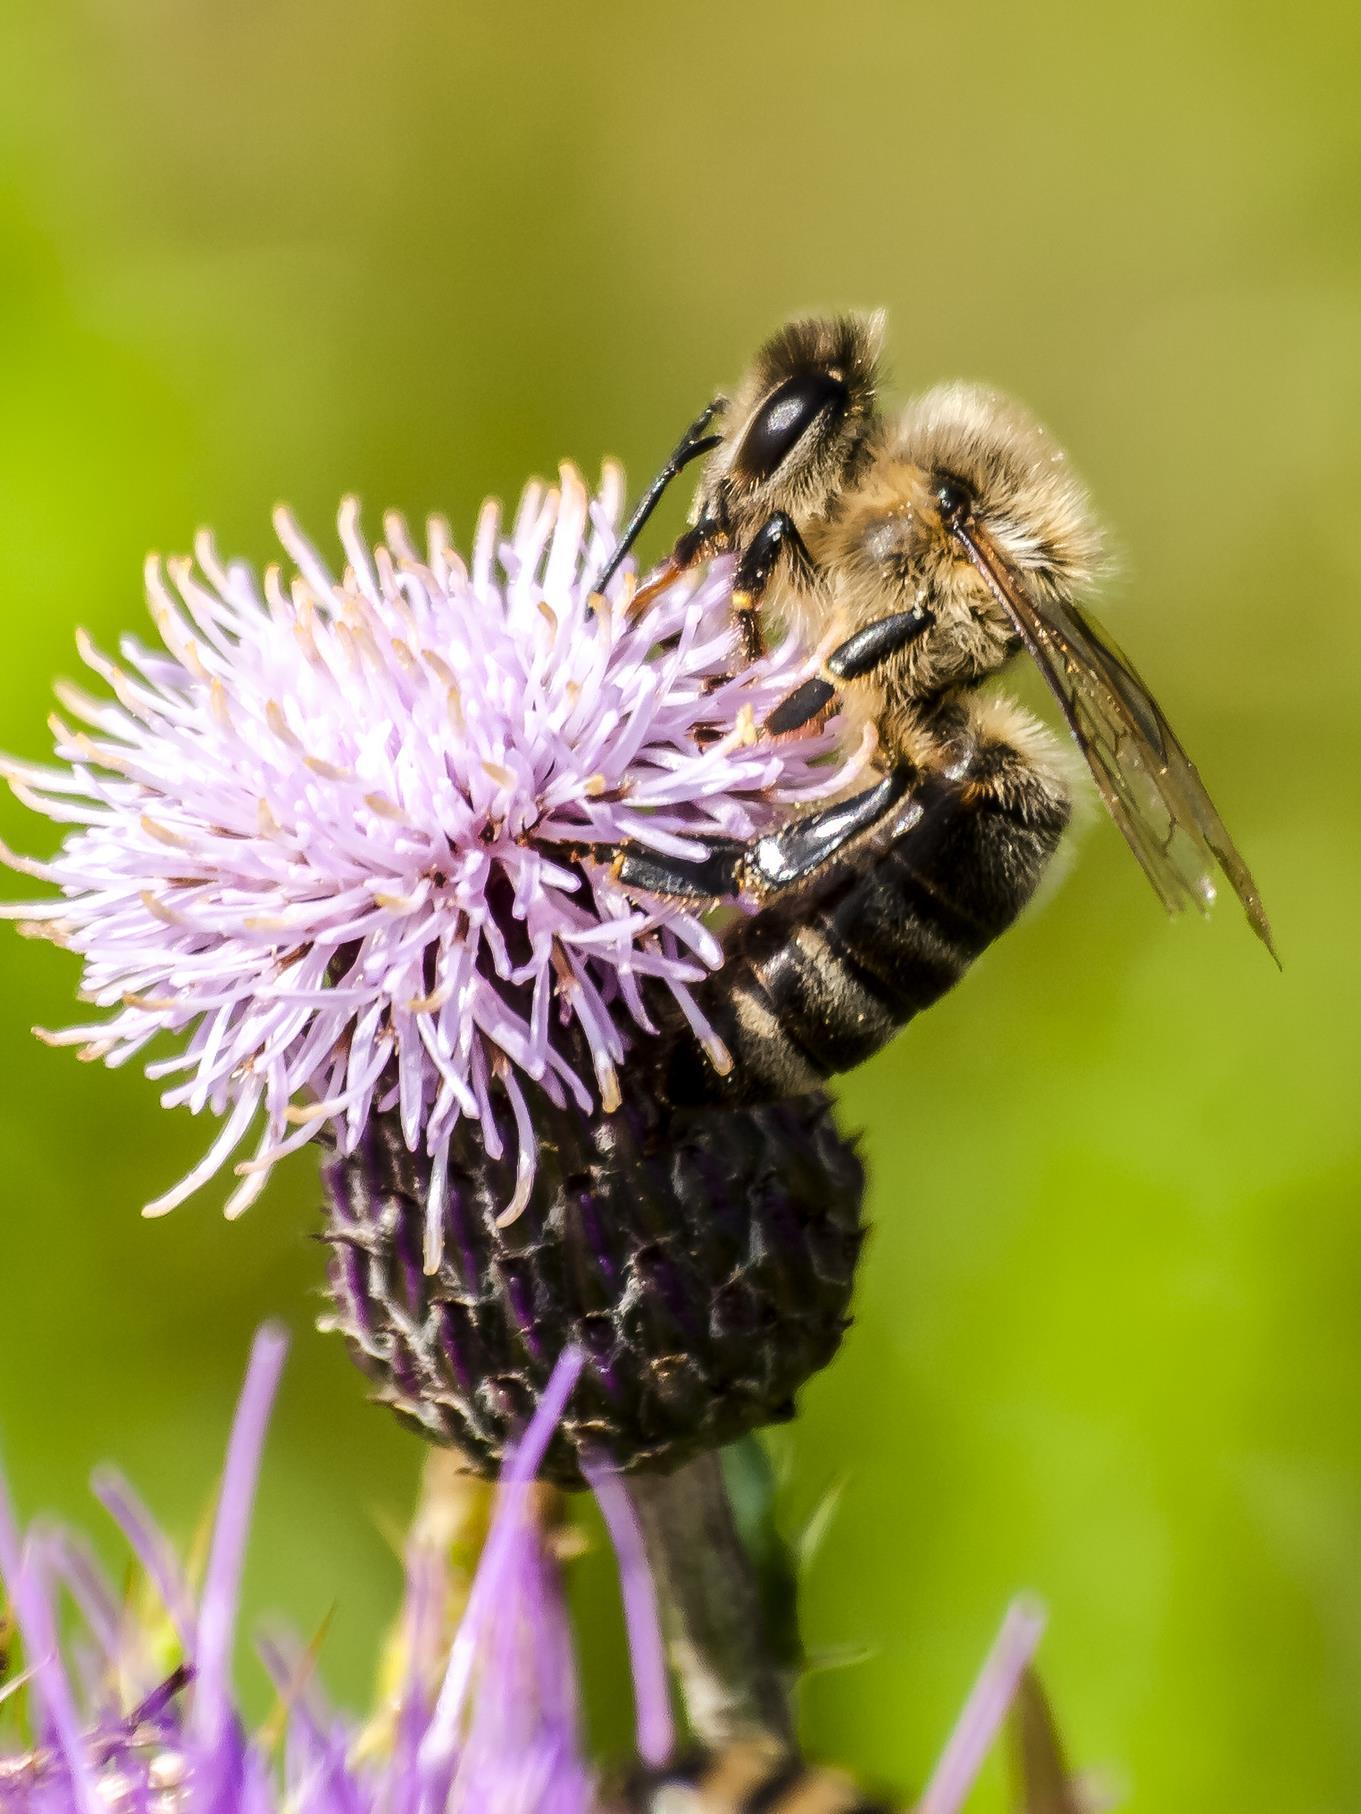 Die fleißigen Honigbienen können in der Auenlandschaft beim Pollen sammeln beobachtet werden.